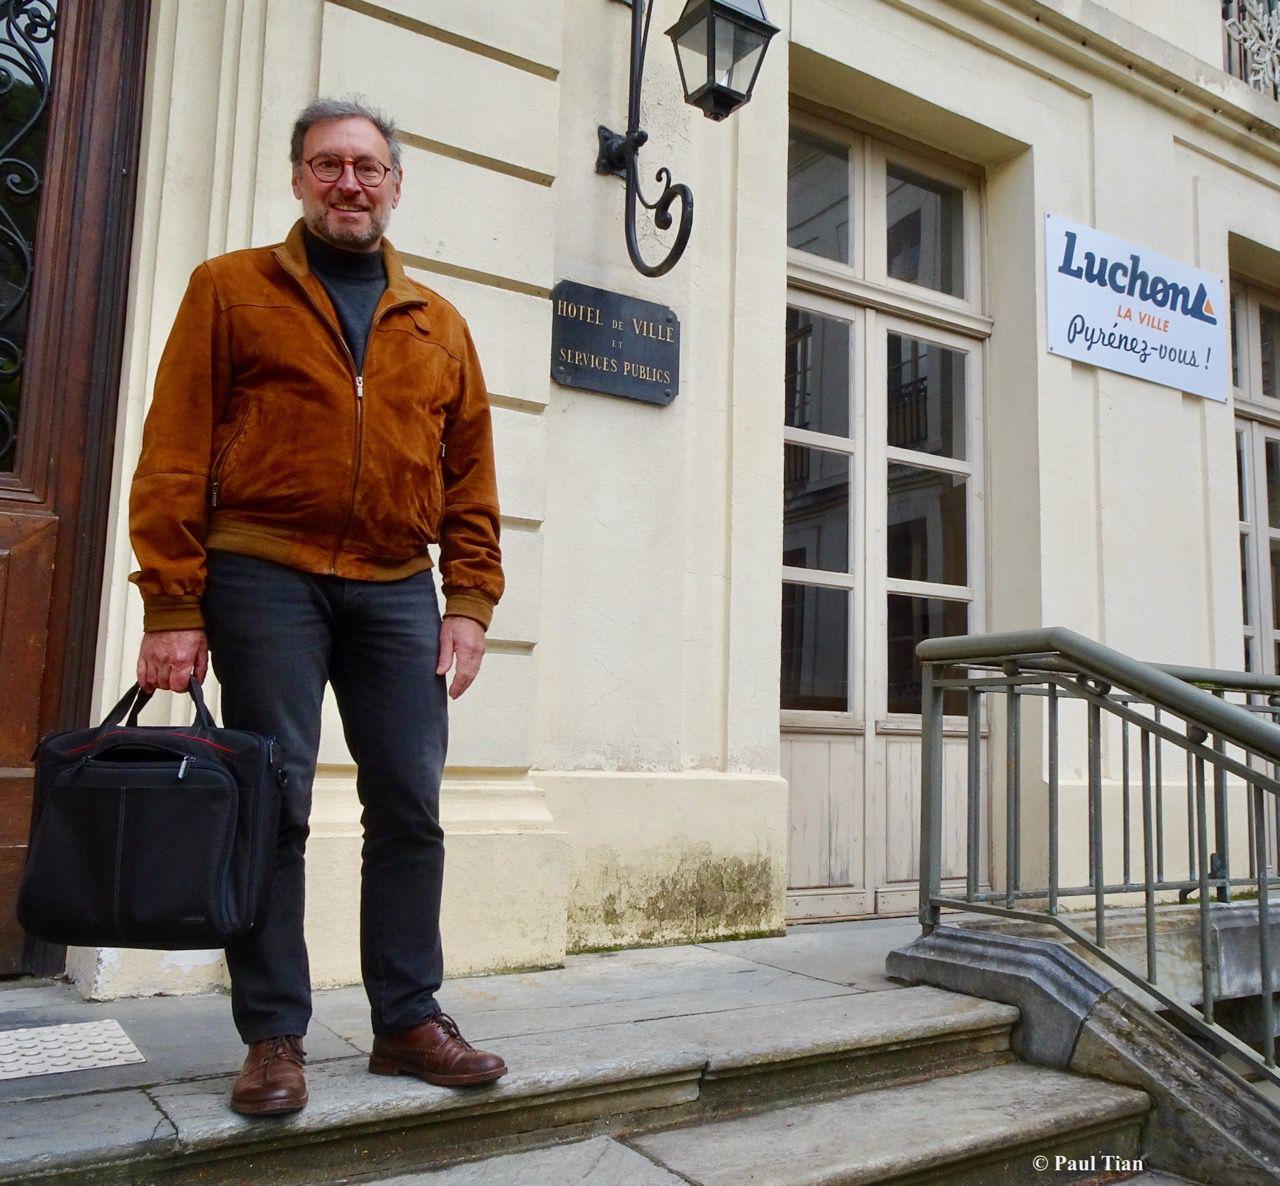 Luchon : samedi 23 mai, Eric Azémar nouveau maire de Luchon